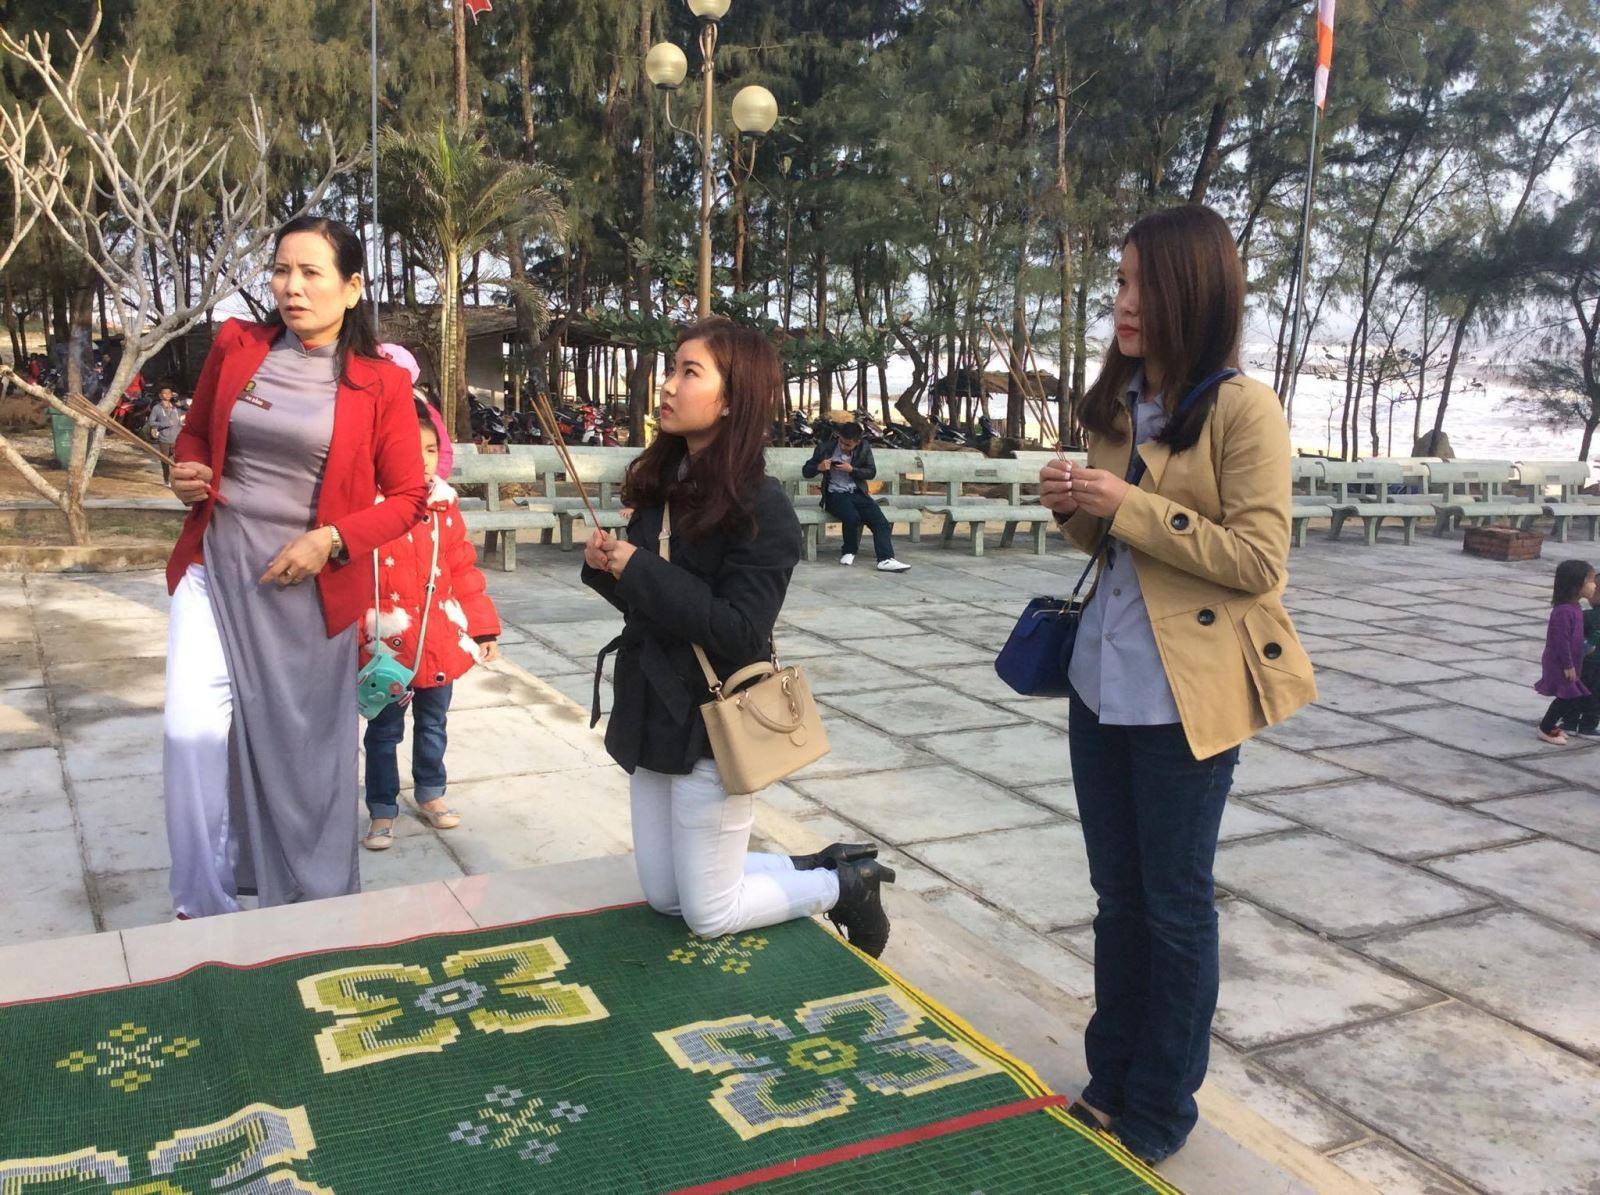 Lễ chùa và hái lộc đầu năm, nét đẹp văn hoá tâm linh người An Bằng